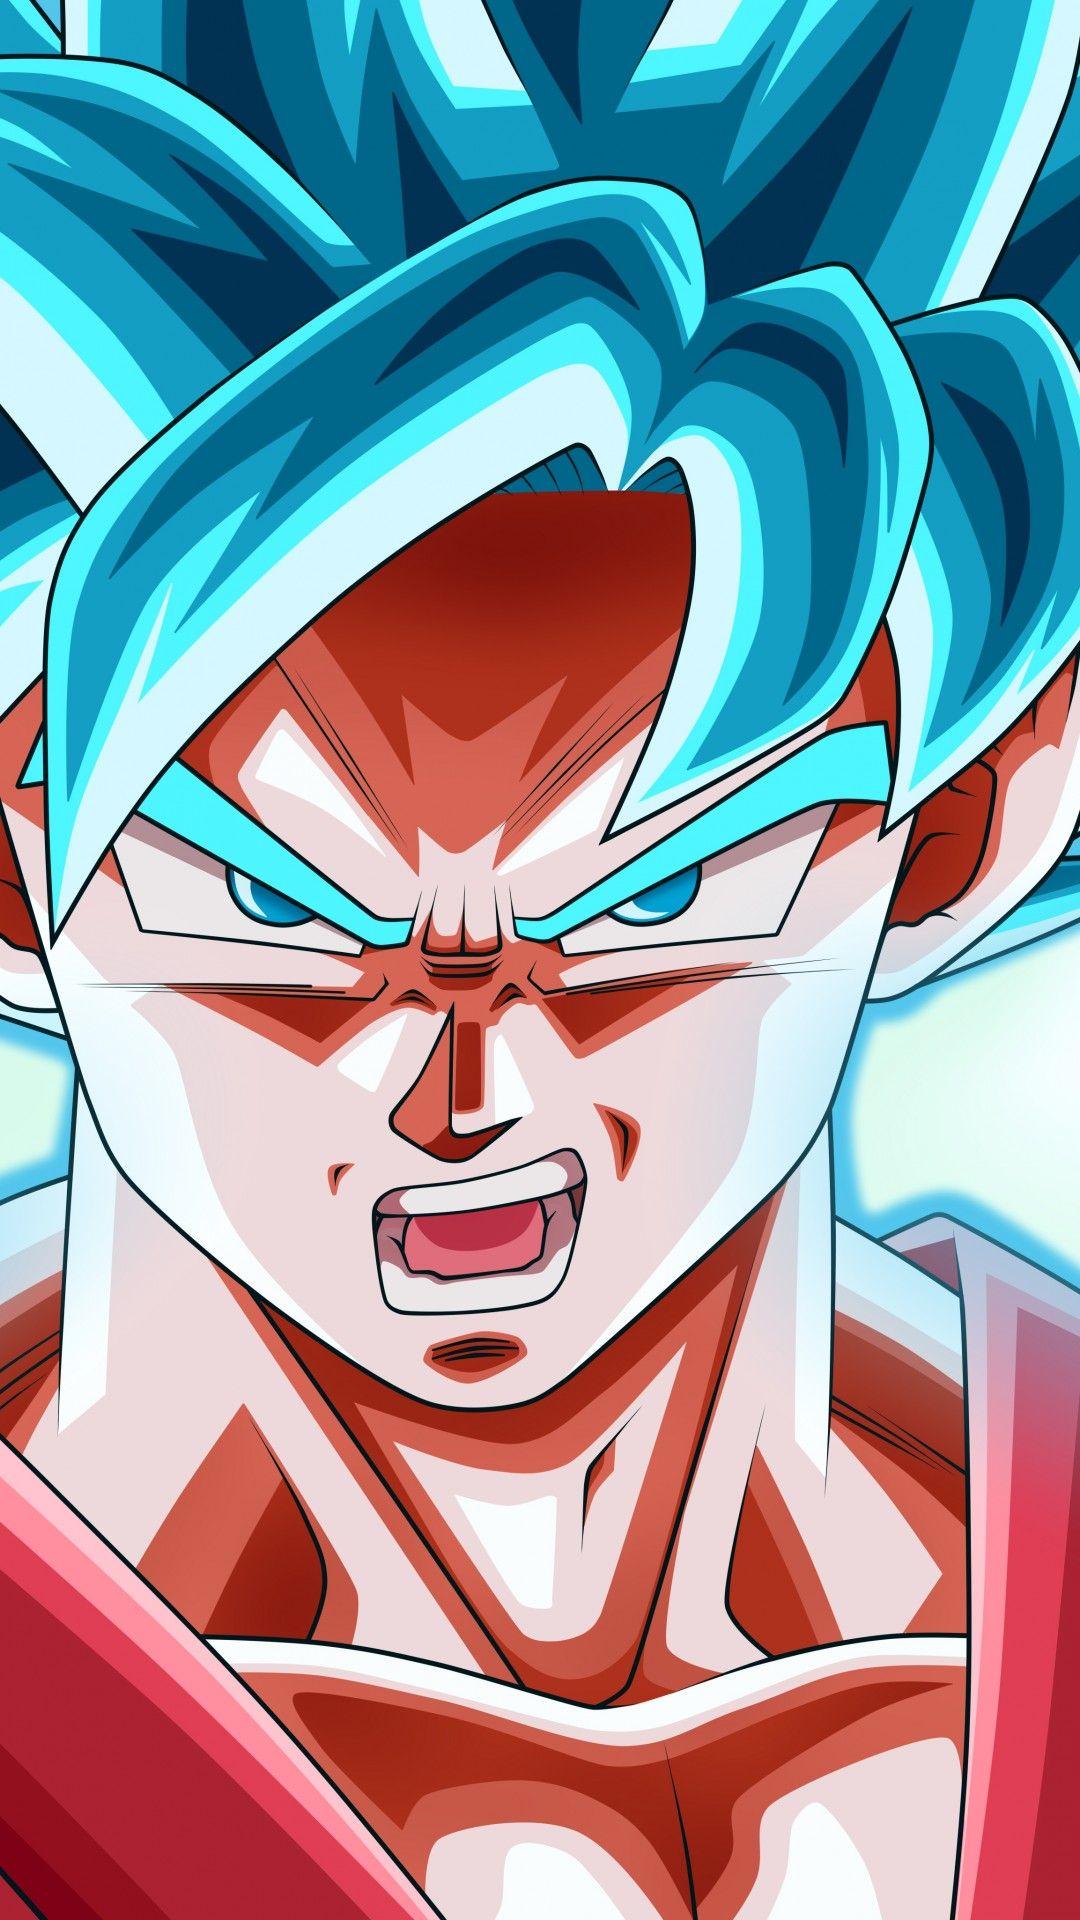 Goku Wallpaper Hd Dragon ball wallpapers, Anime dragon